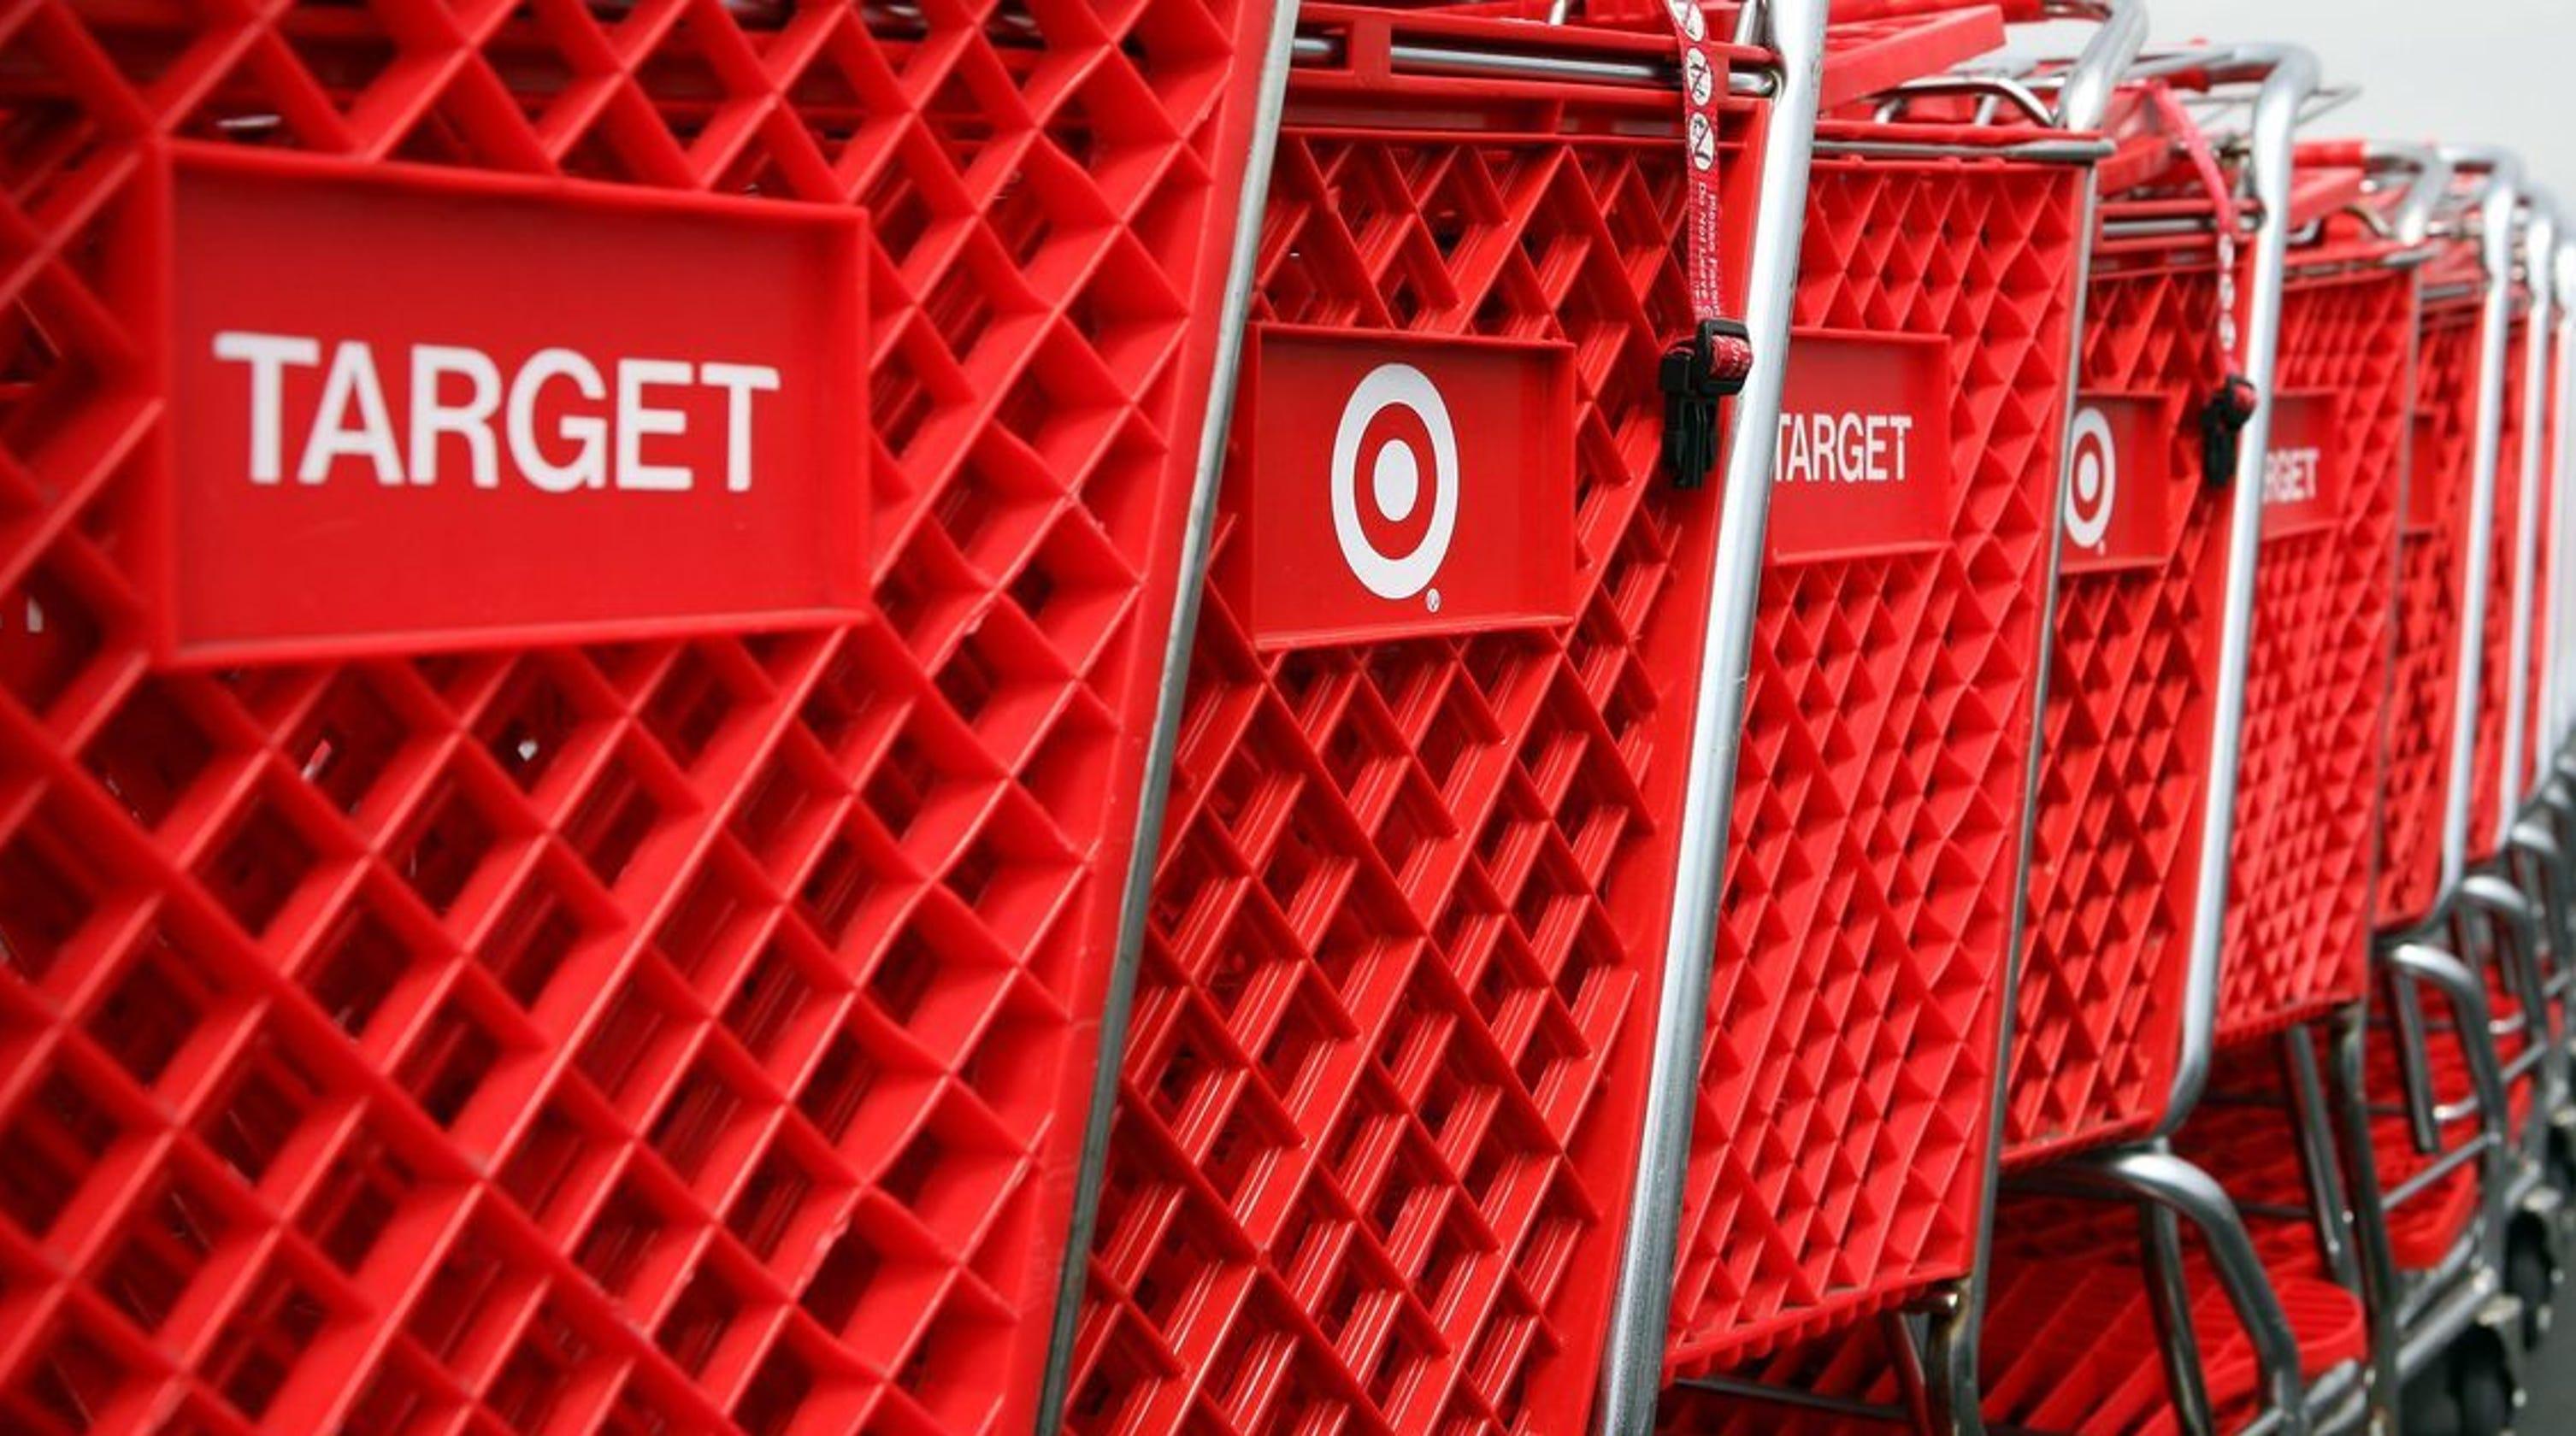 Target on Van Dyke in Sterling Heights set to close in June